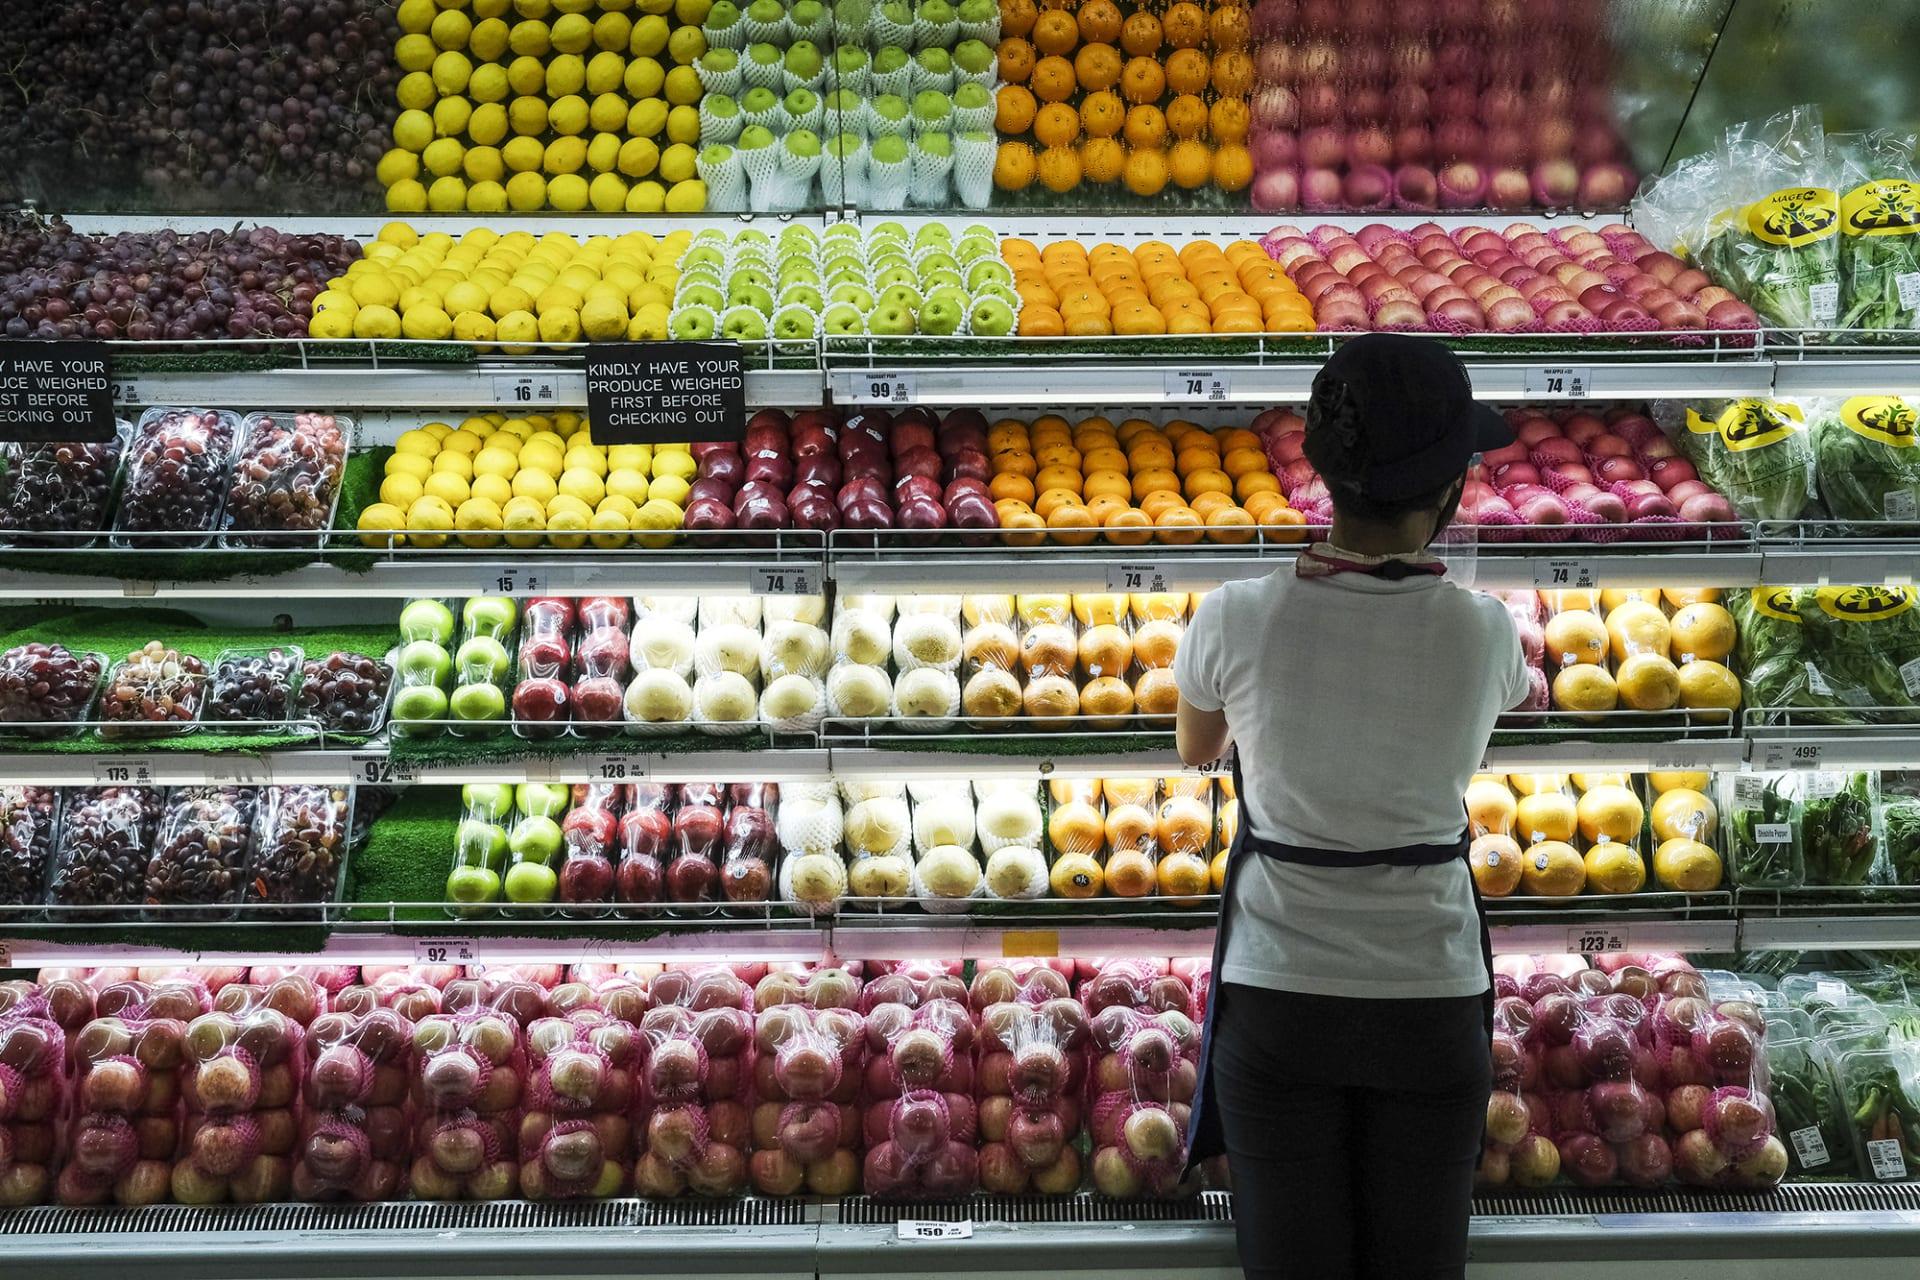 الأمم المتحدة: أسعار الغذاء العالمية ترتفع إلى أعلى مستوياتها منذ عقد